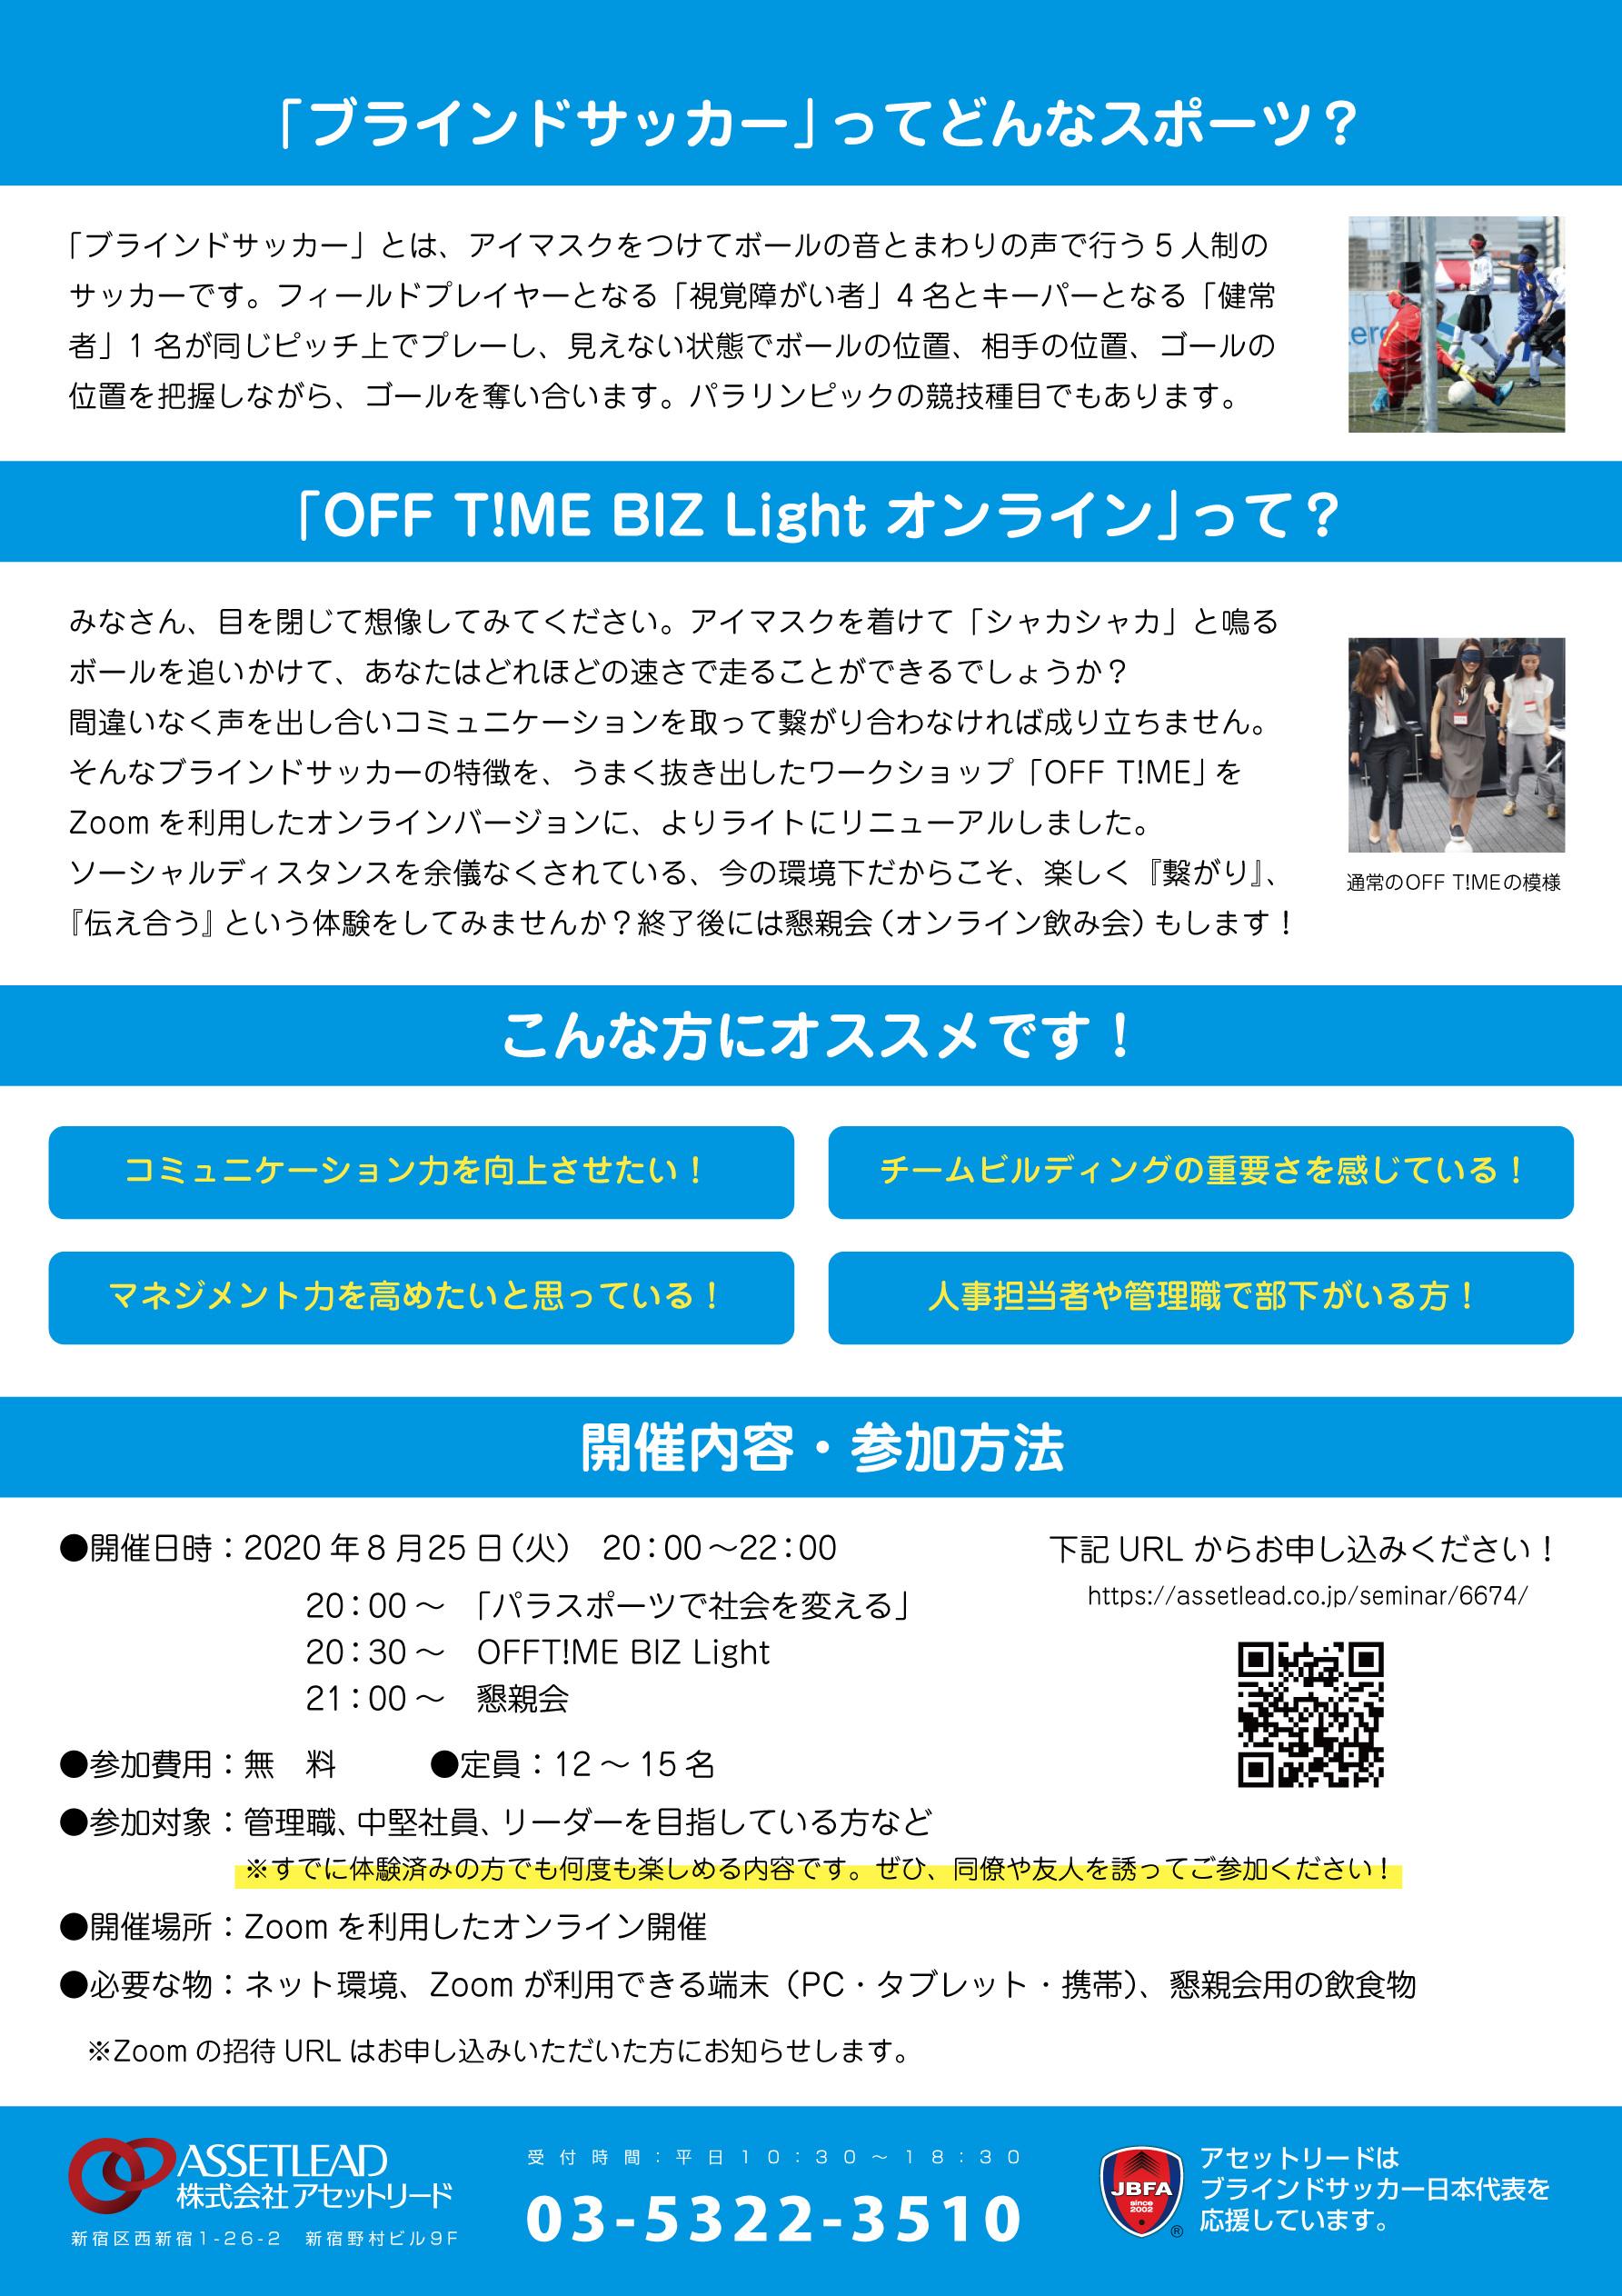 OFFTIME_BIZ_Light